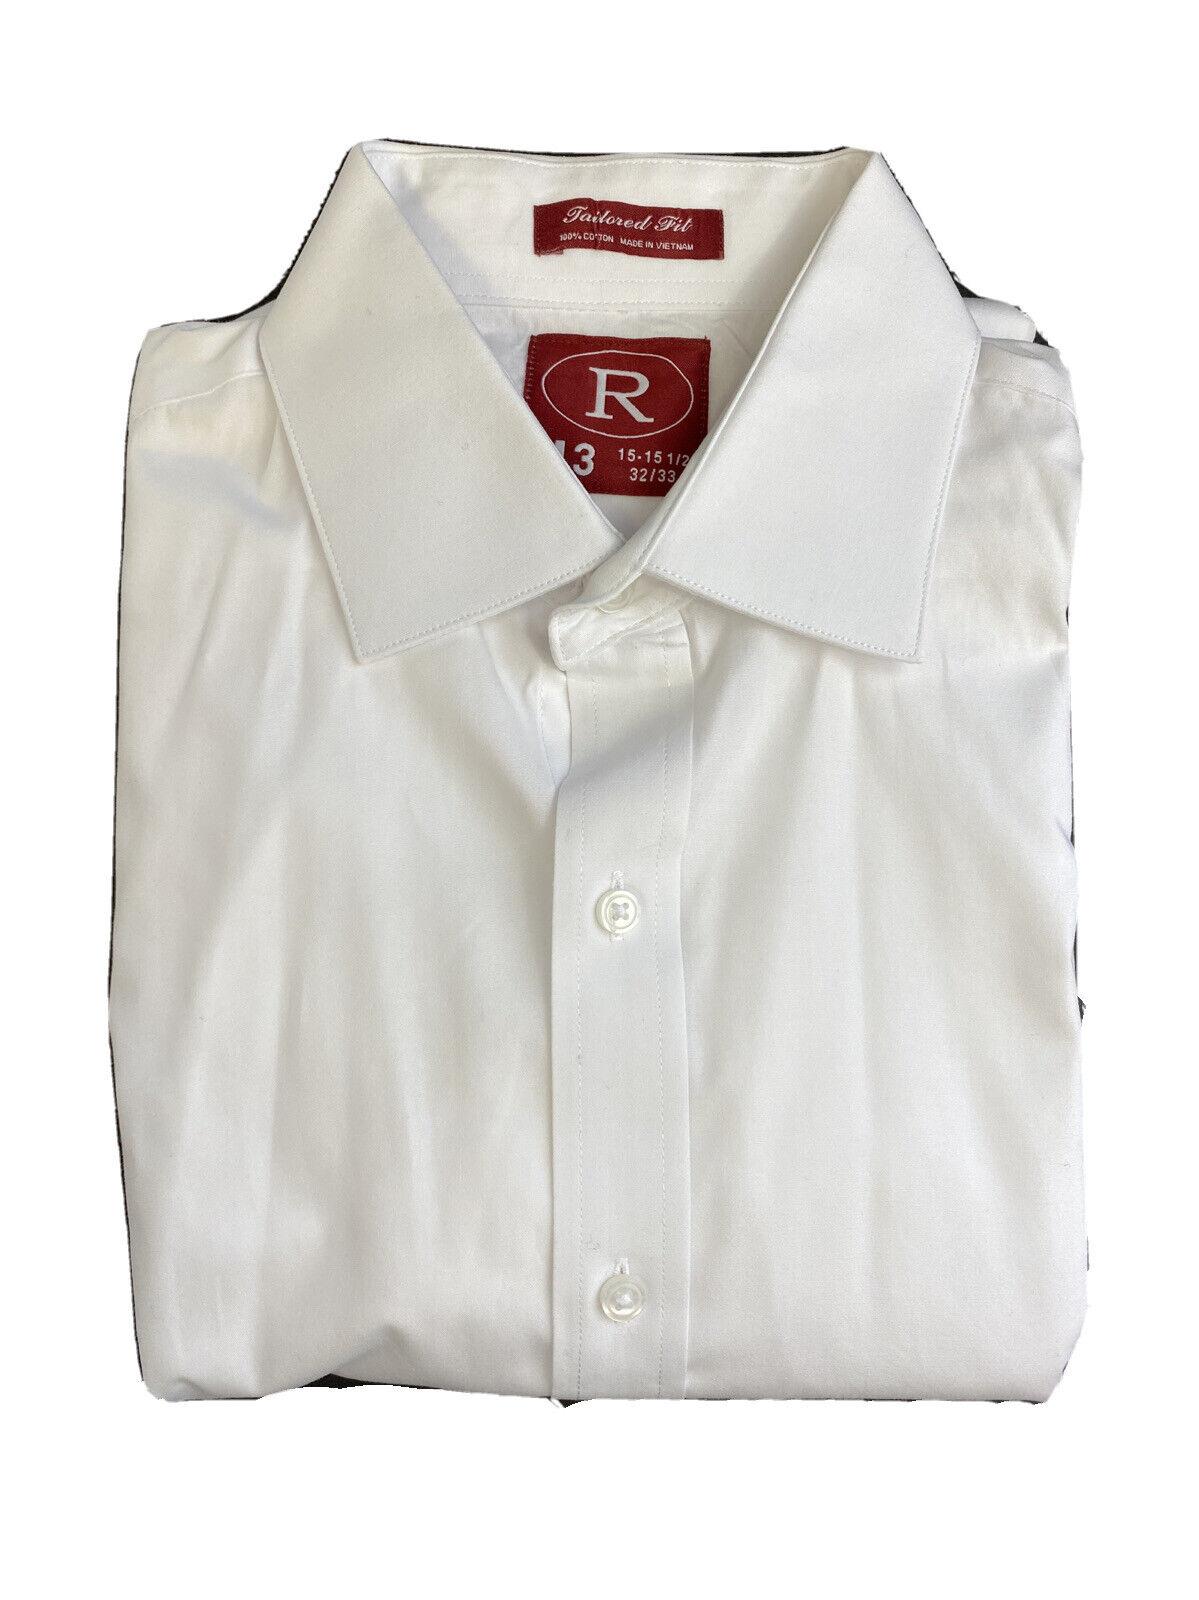 White Fitted Laydown Collar Tuxedo Shirt M 32/33 #20